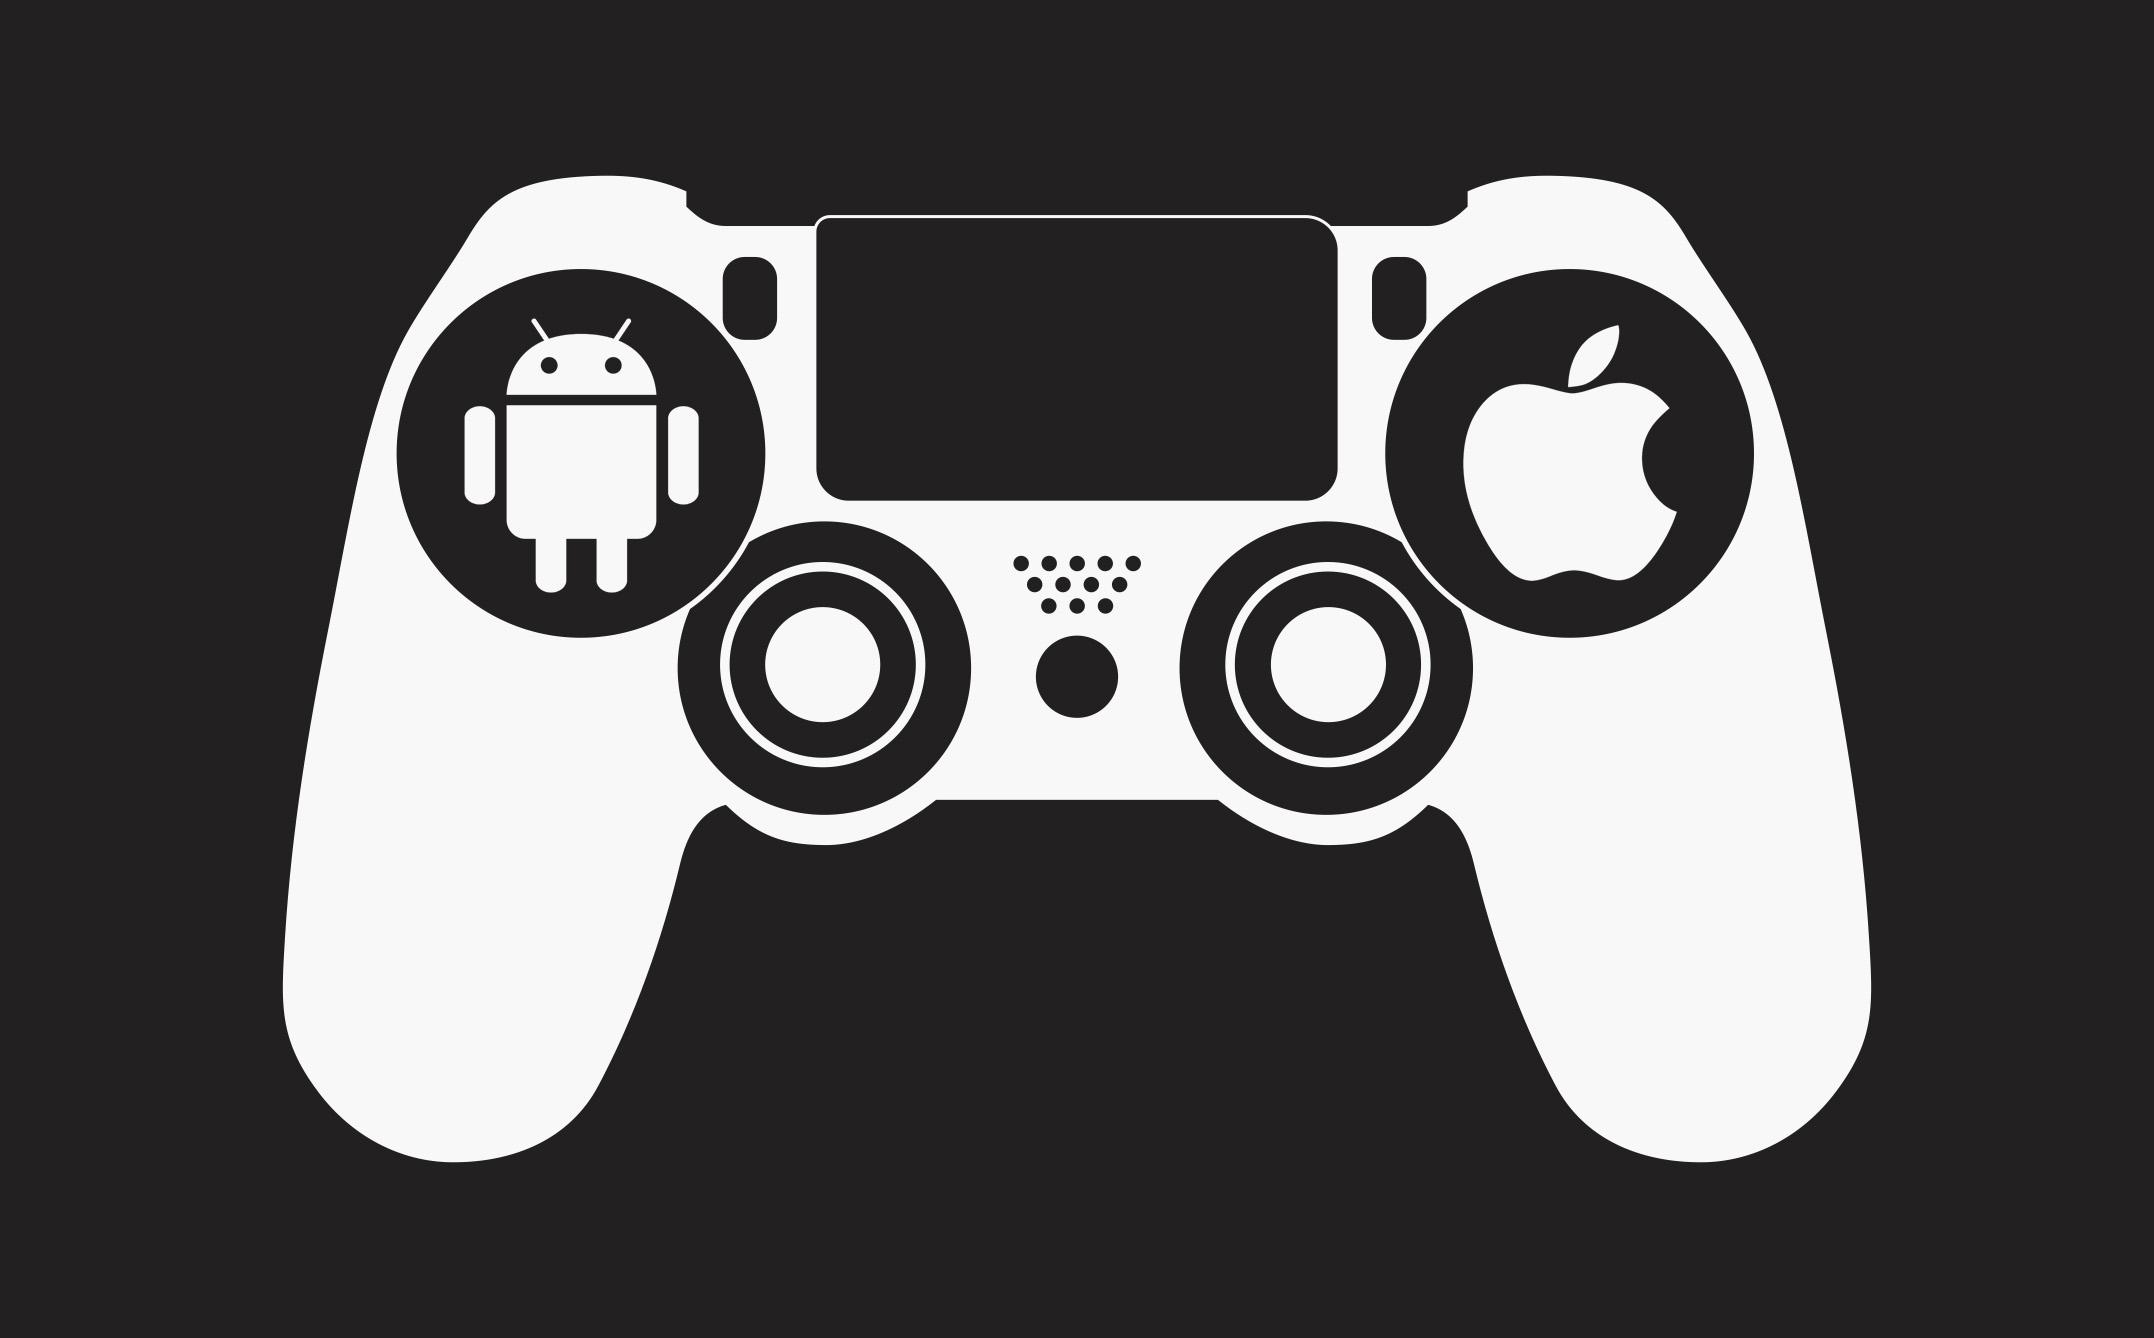 Топ 10 игр на Android и IOS - Лучшие игры для смартфонов и планшетов